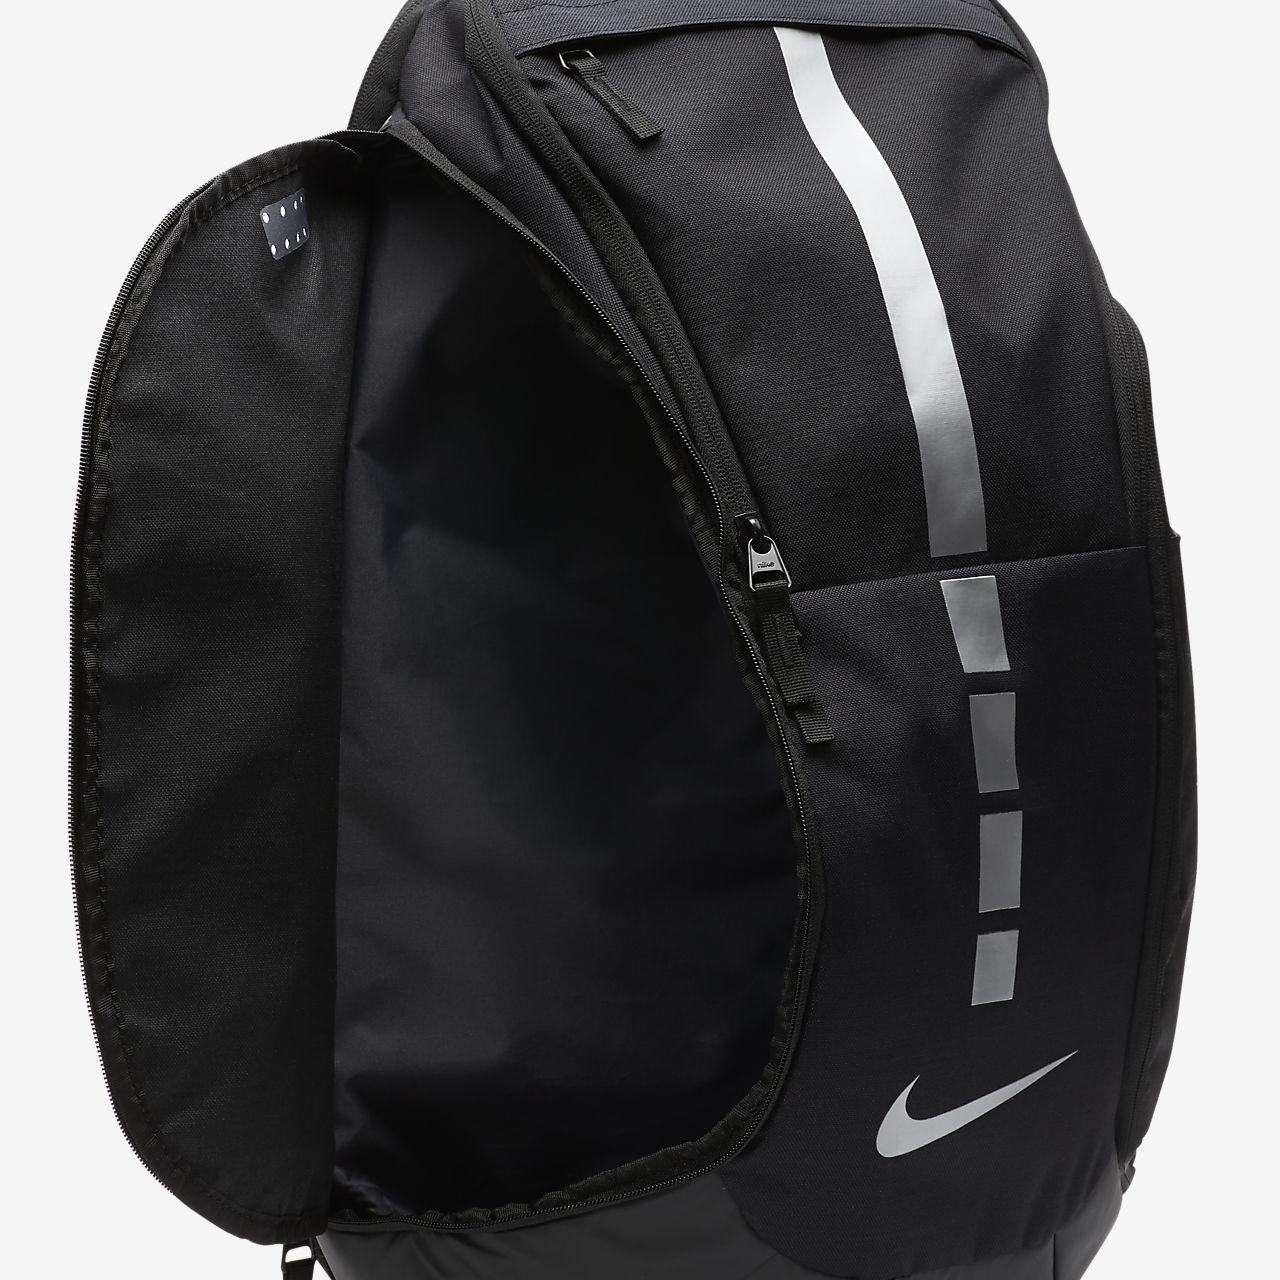 dc62007eaf Nike Hoops Elite Pro Basketball Backpack. Nike.com IN